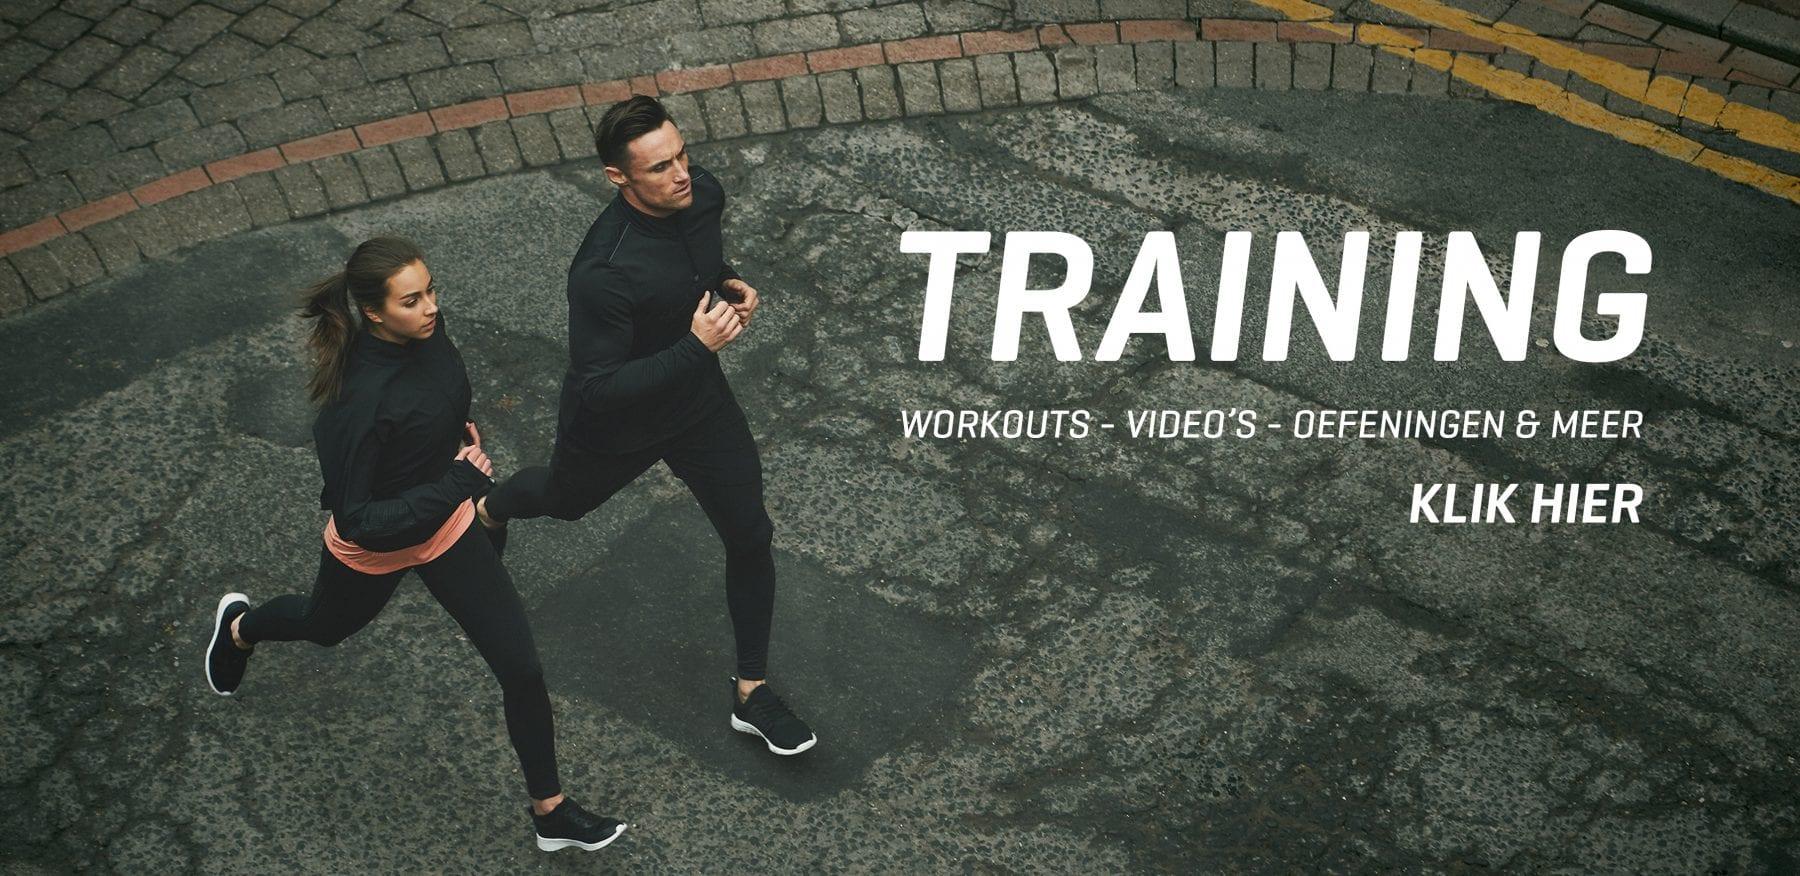 Training artikelen blog workout videos myprotein